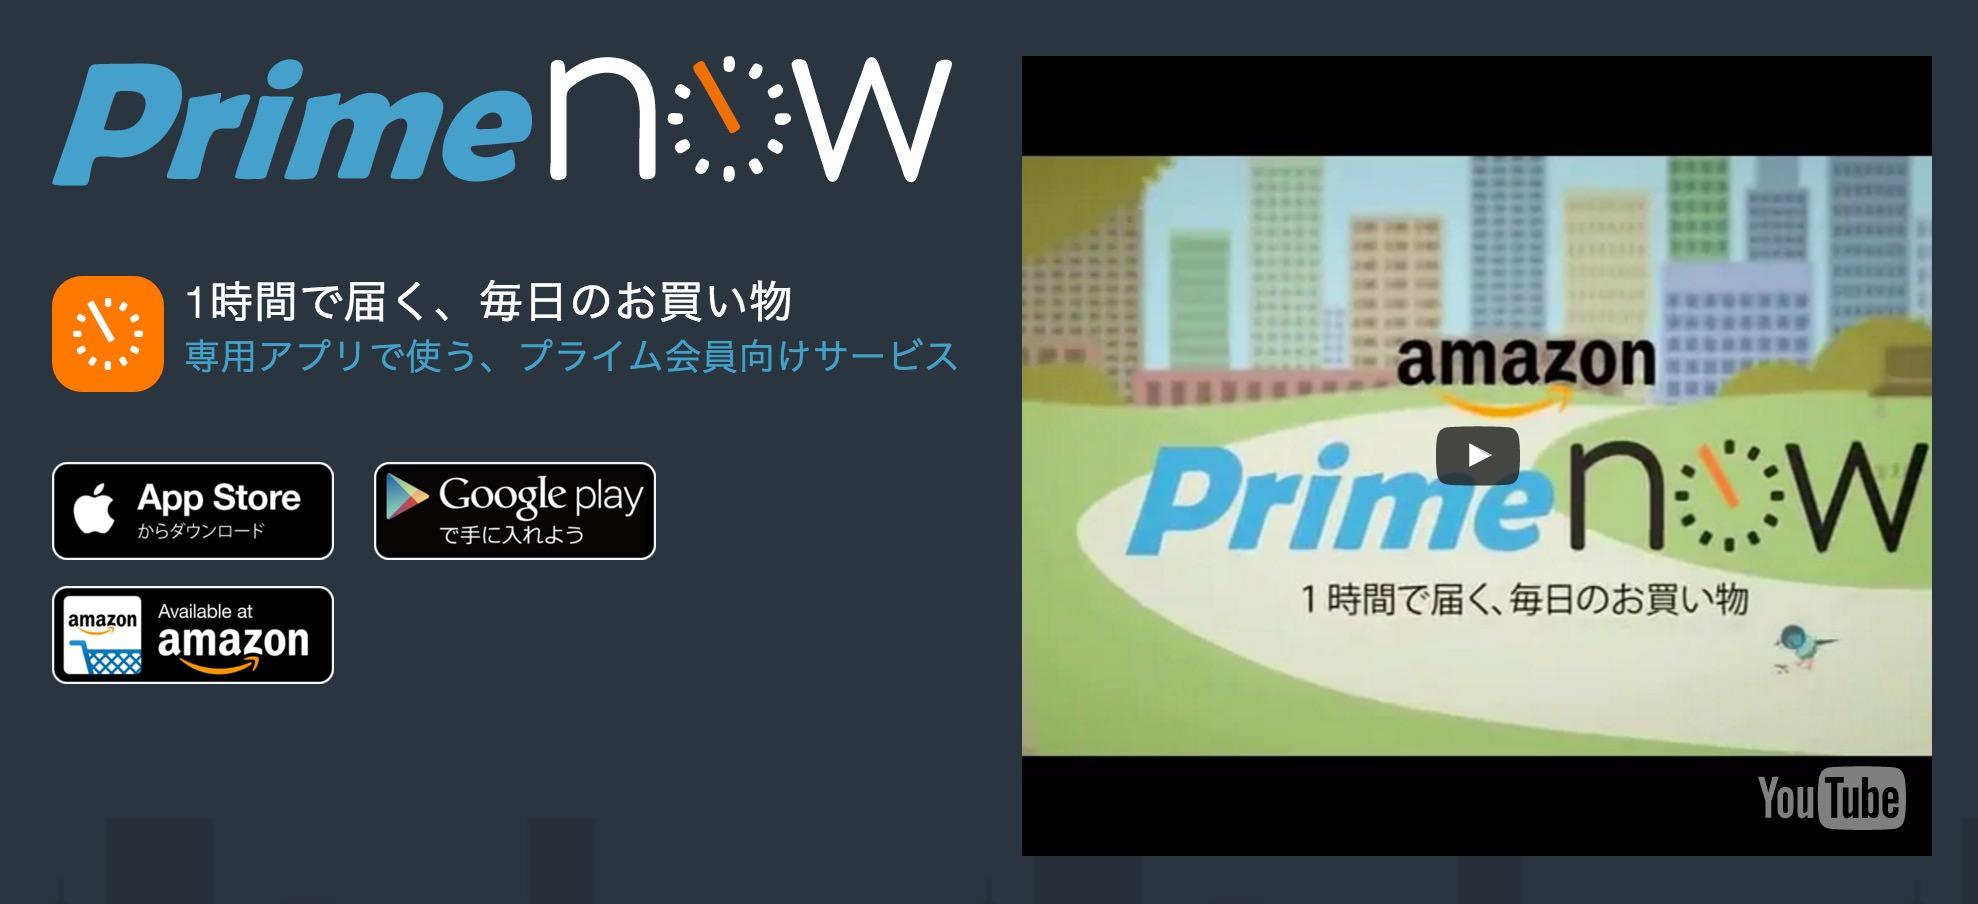 注文から1時間で届く「Amazon Prime now」エリア拡大 → 大阪・兵庫・横浜も対象に